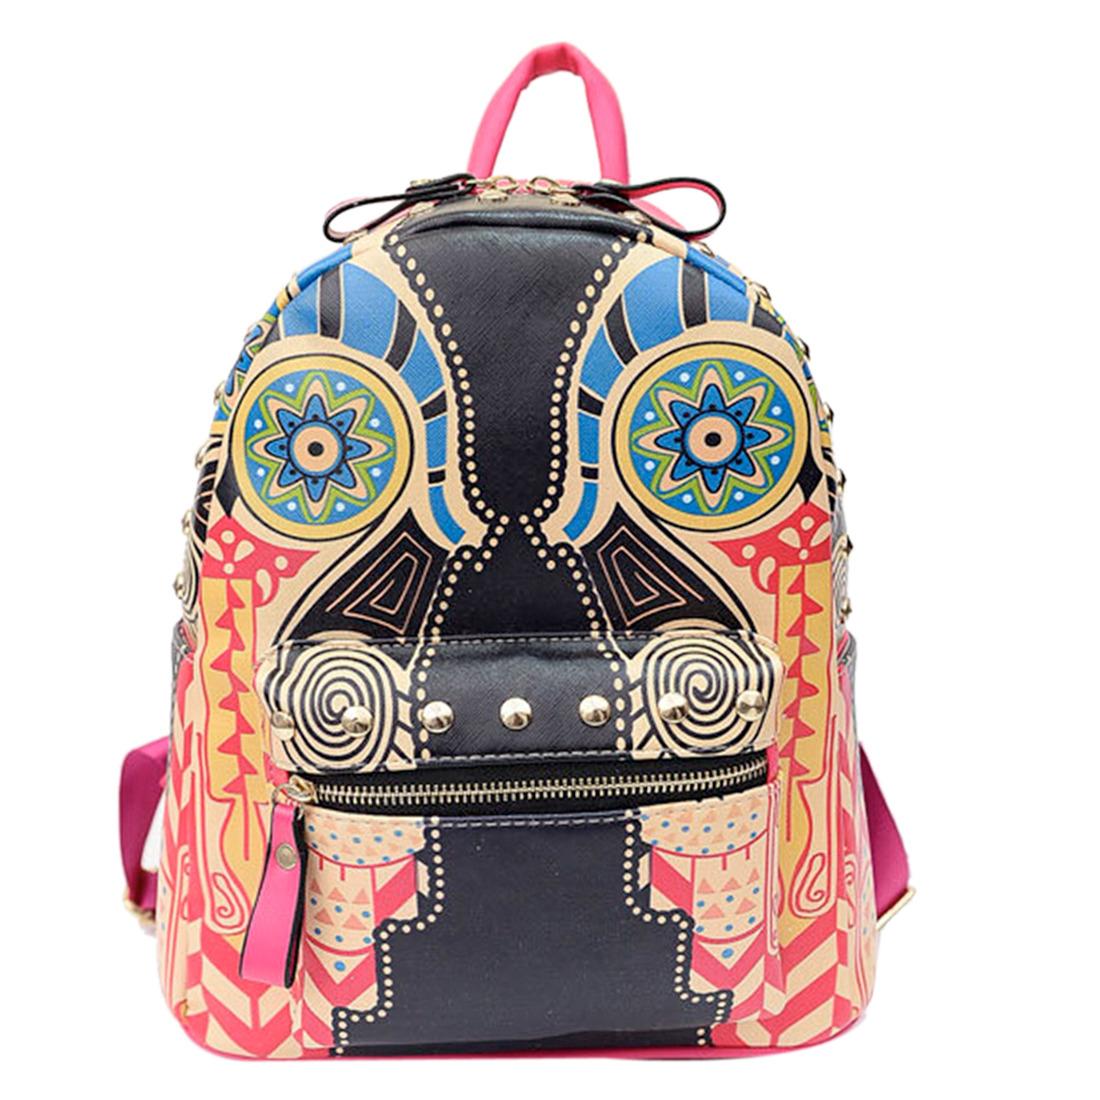 Back To School Vintage Women Printed Rivet Handbag Backpack Satchel Shoulder Bag